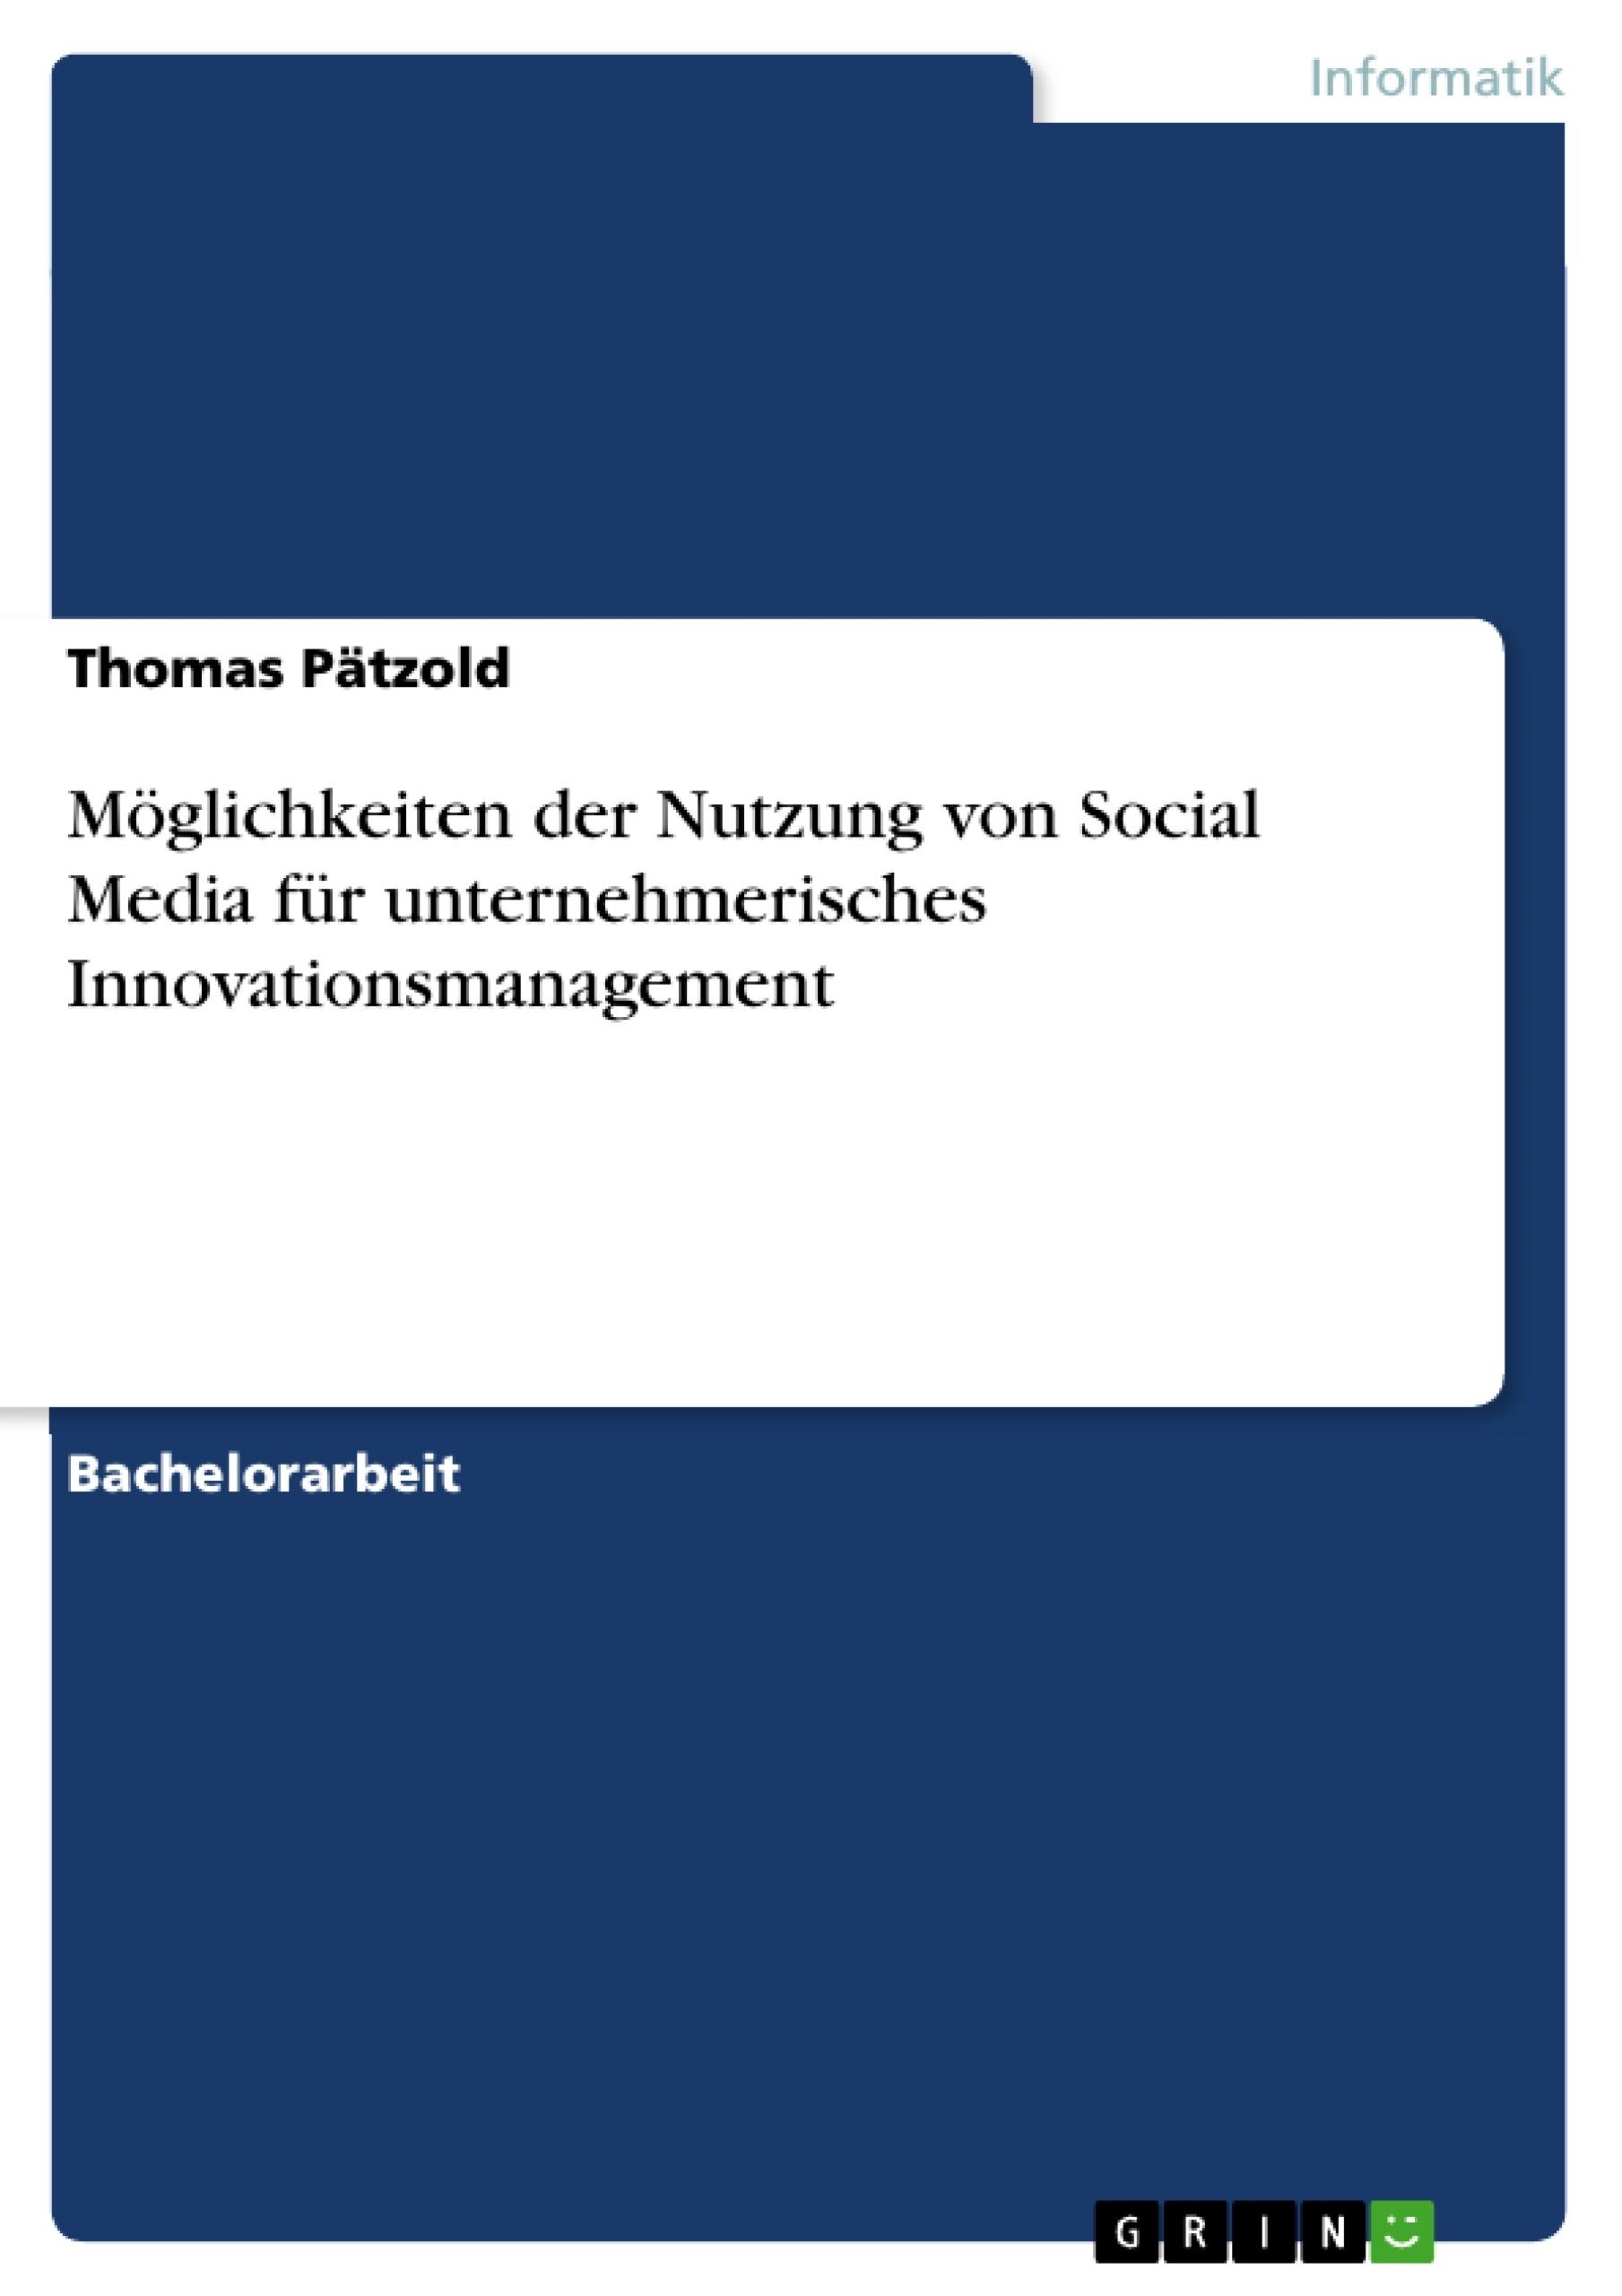 Titel: Möglichkeiten der Nutzung von Social Media für unternehmerisches Innovationsmanagement